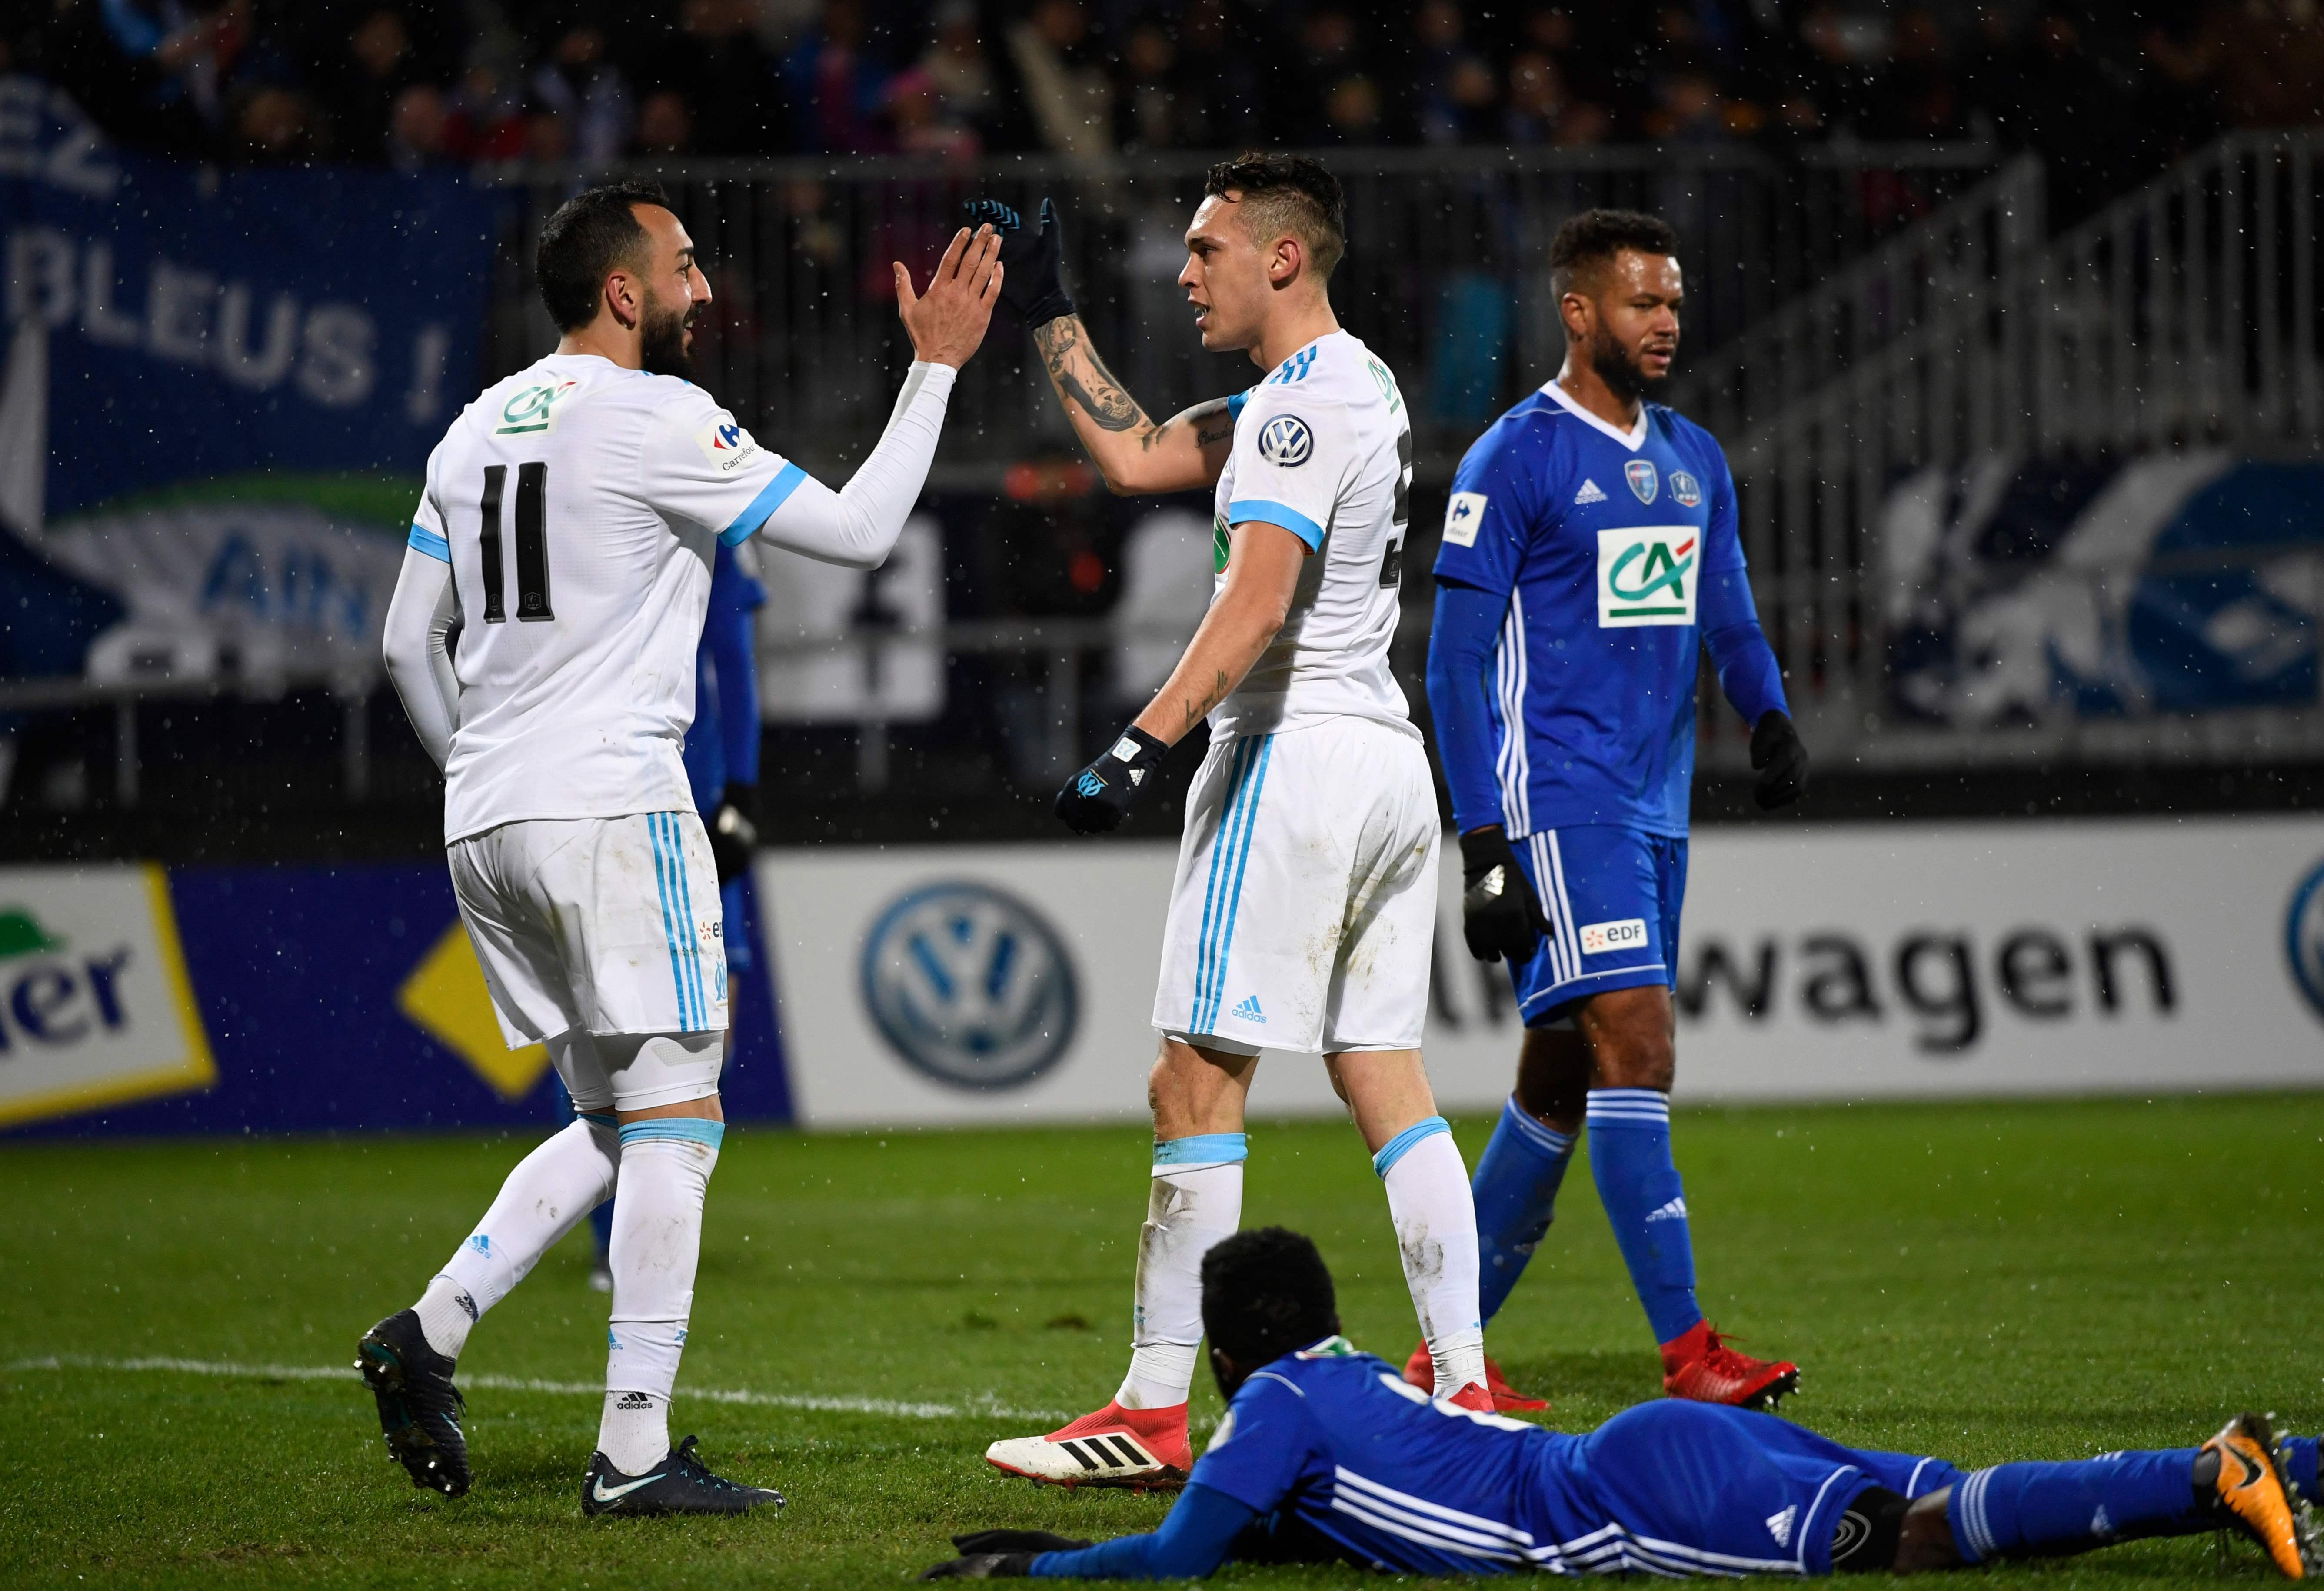 0 9 tripl de mitroglou et ocampos l 39 om a r gal coupe de france football - Football coupe de france ...